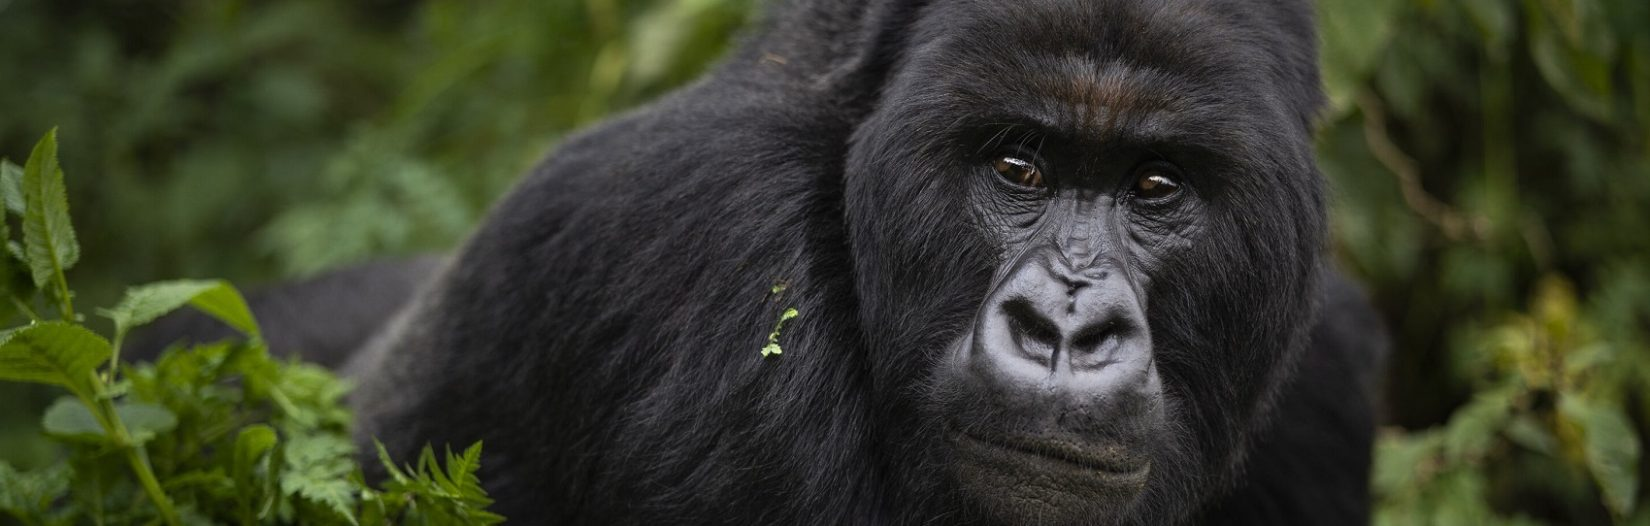 Uganda gorilla trekking coat breakdown